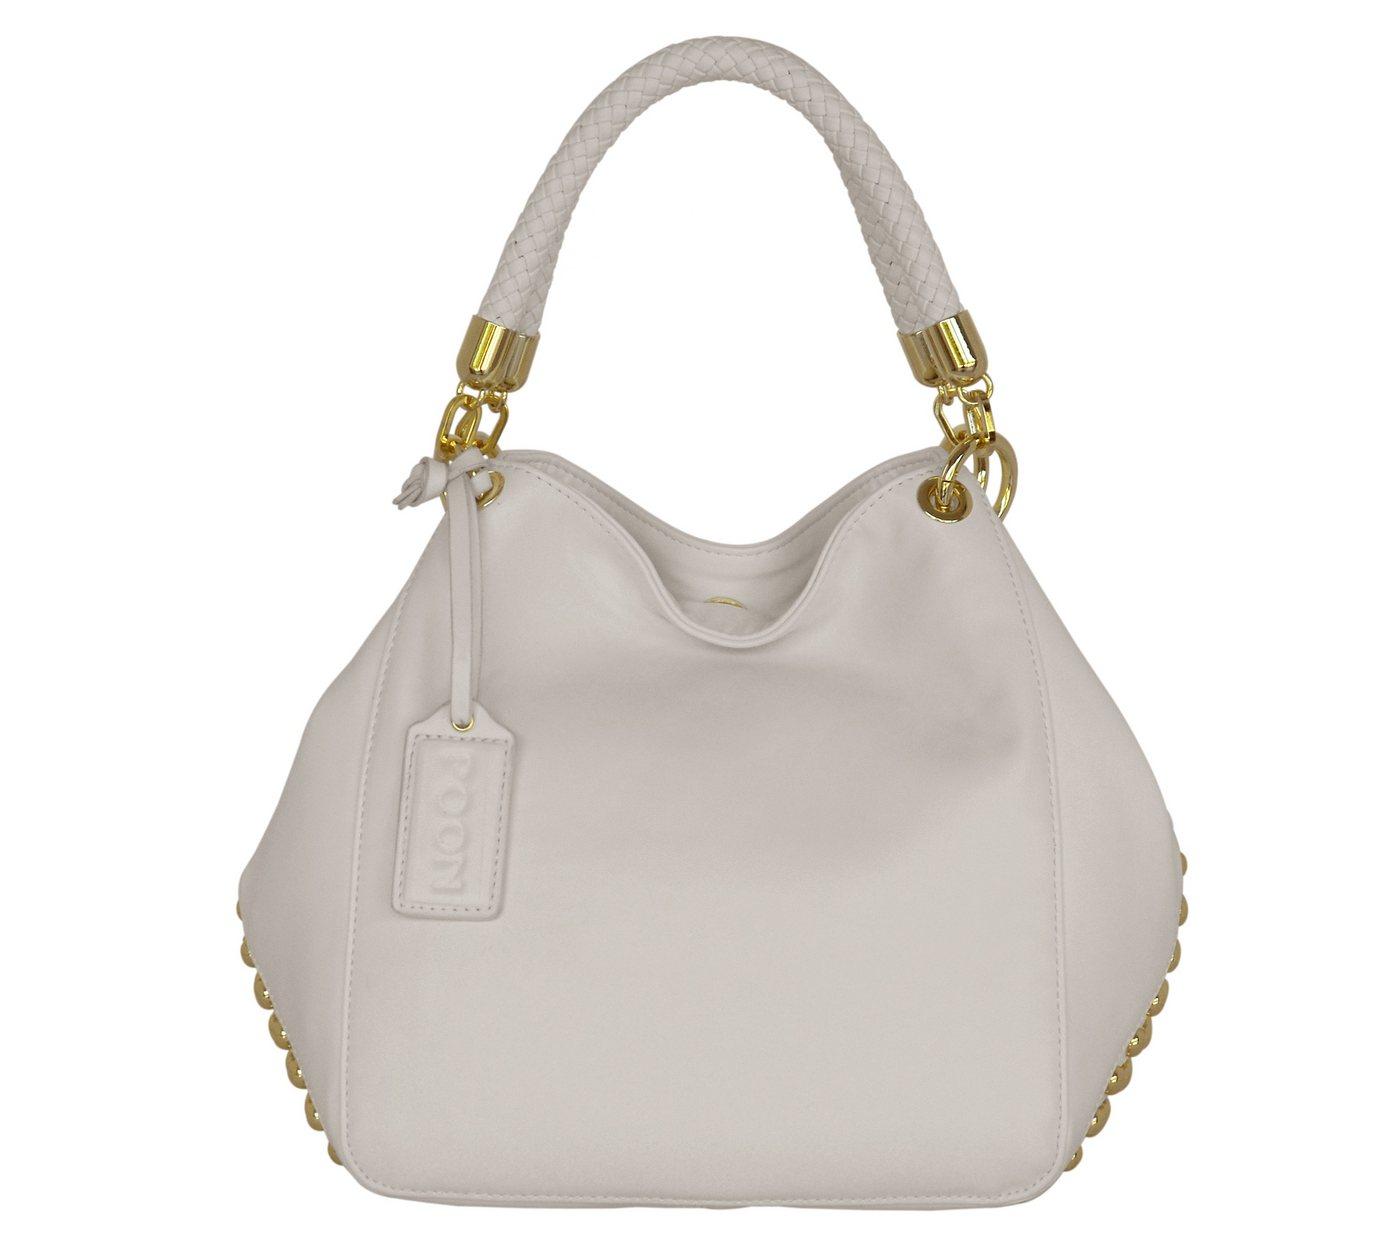 POON Switzerland Lederschultertasche mit Spezialschutzschicht | Taschen > Handtaschen > Ledertaschen | Weiß | Baumwolle | POON Switzerland